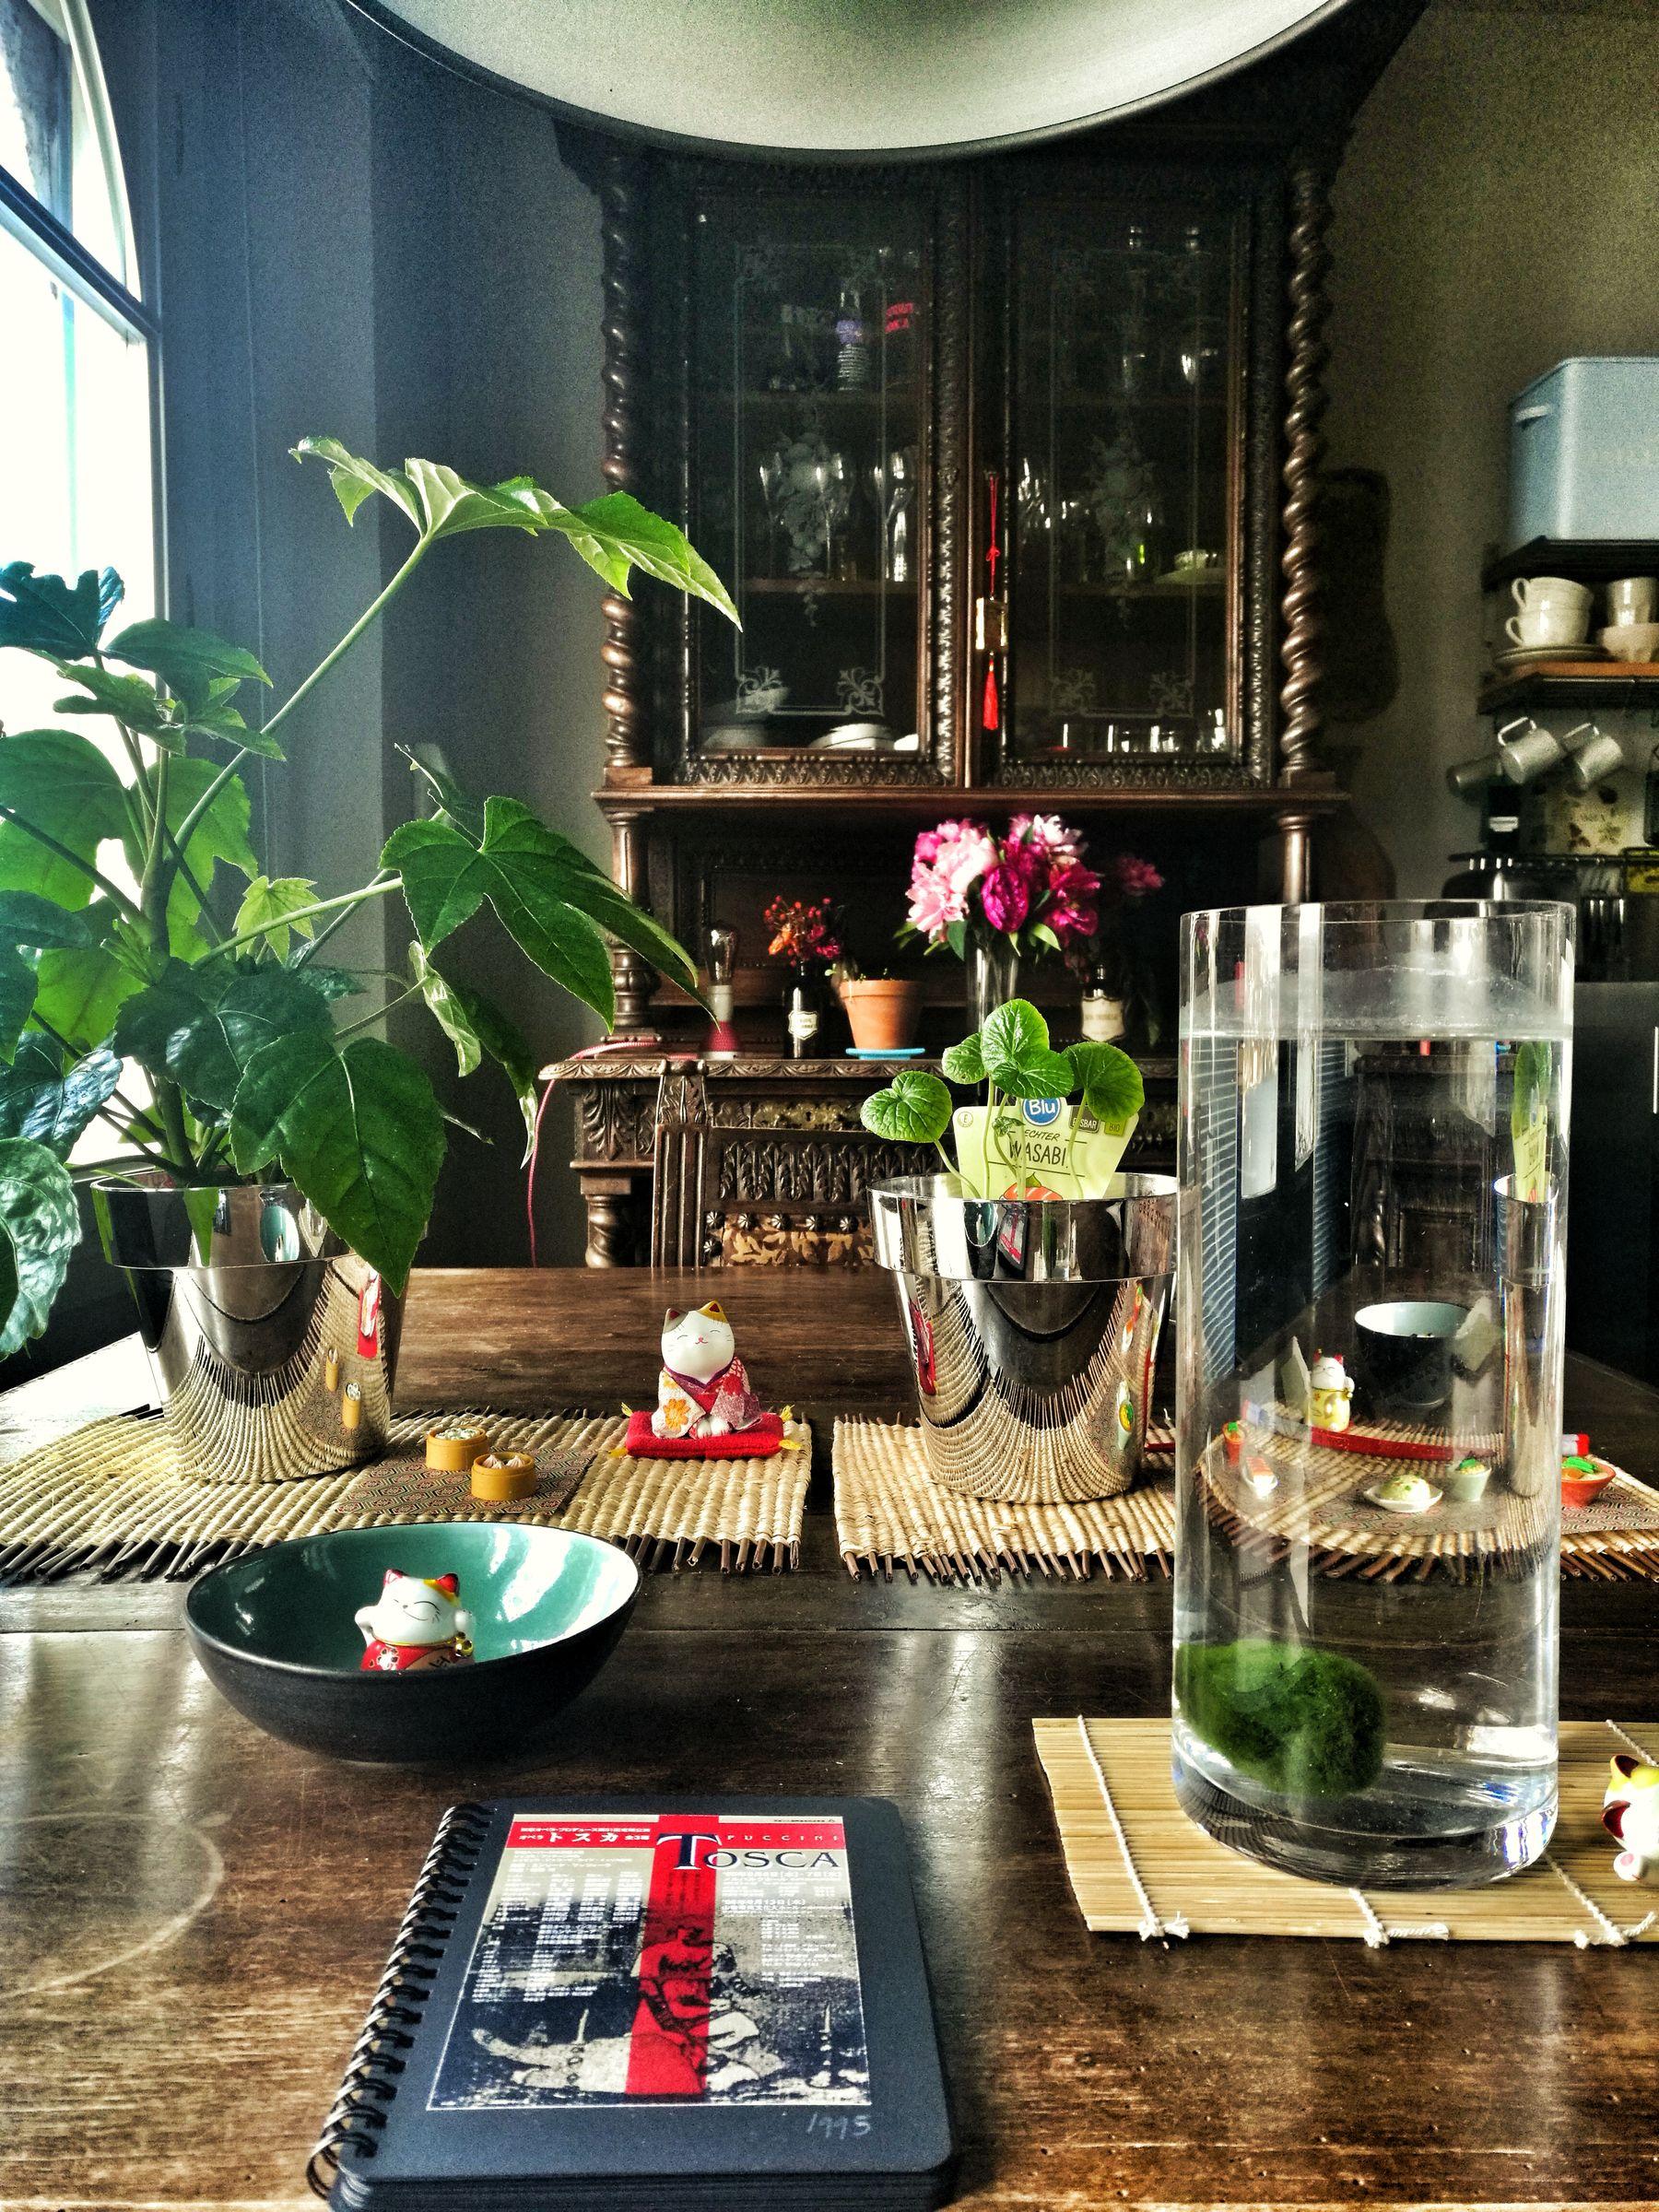 piante giapponesi in casa Blossom zine